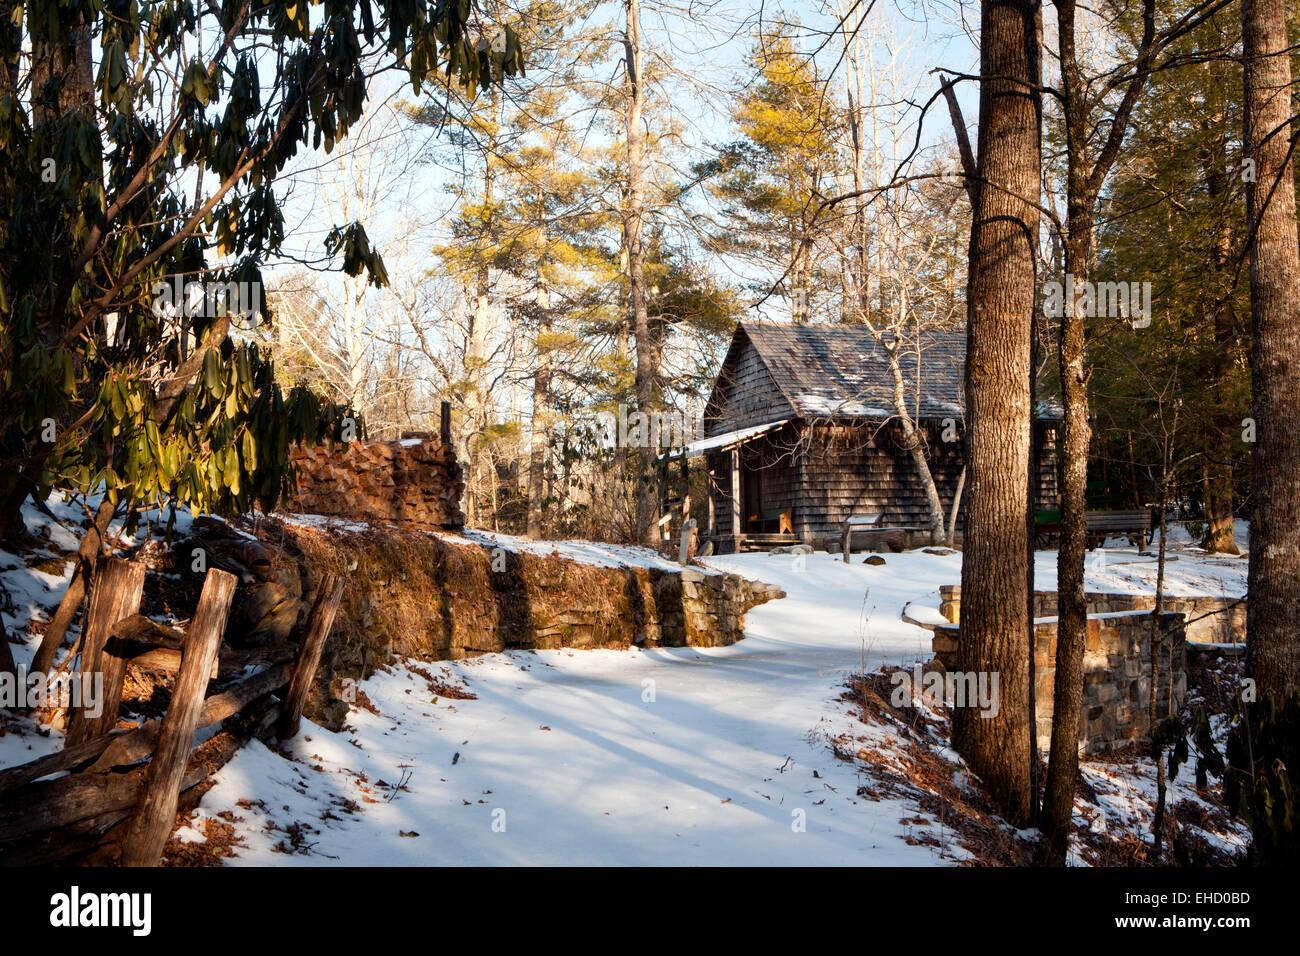 Cuna de la silvicultura - Bosque Nacional Pisgah - cerca de Brevard, Carolina del Norte, EE.UU. Imagen De Stock